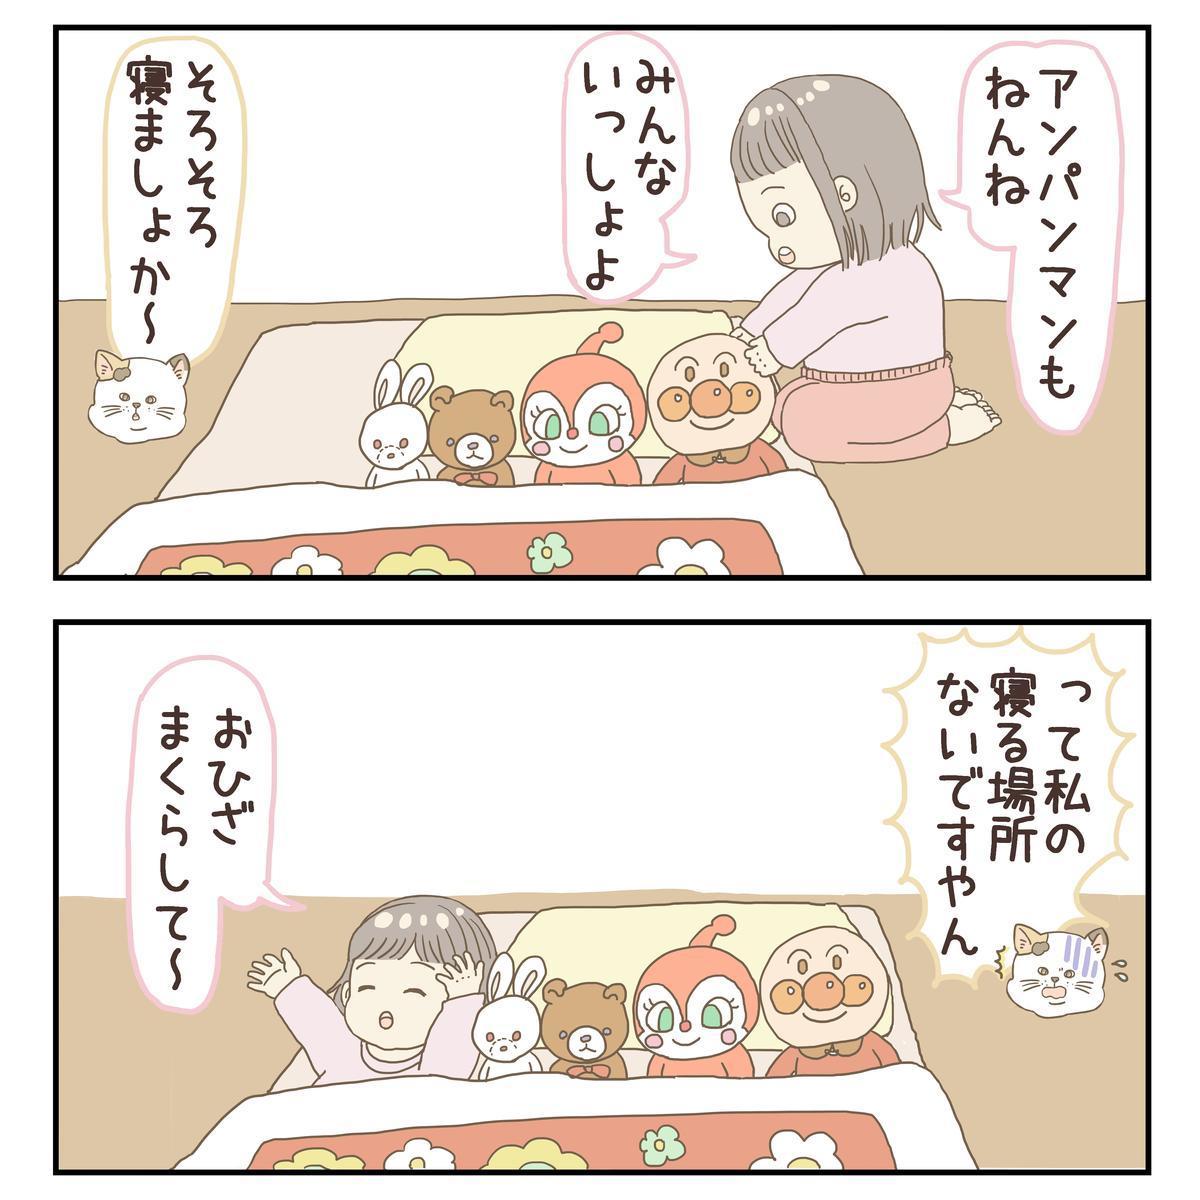 f:id:nikono:20190321214801j:plain